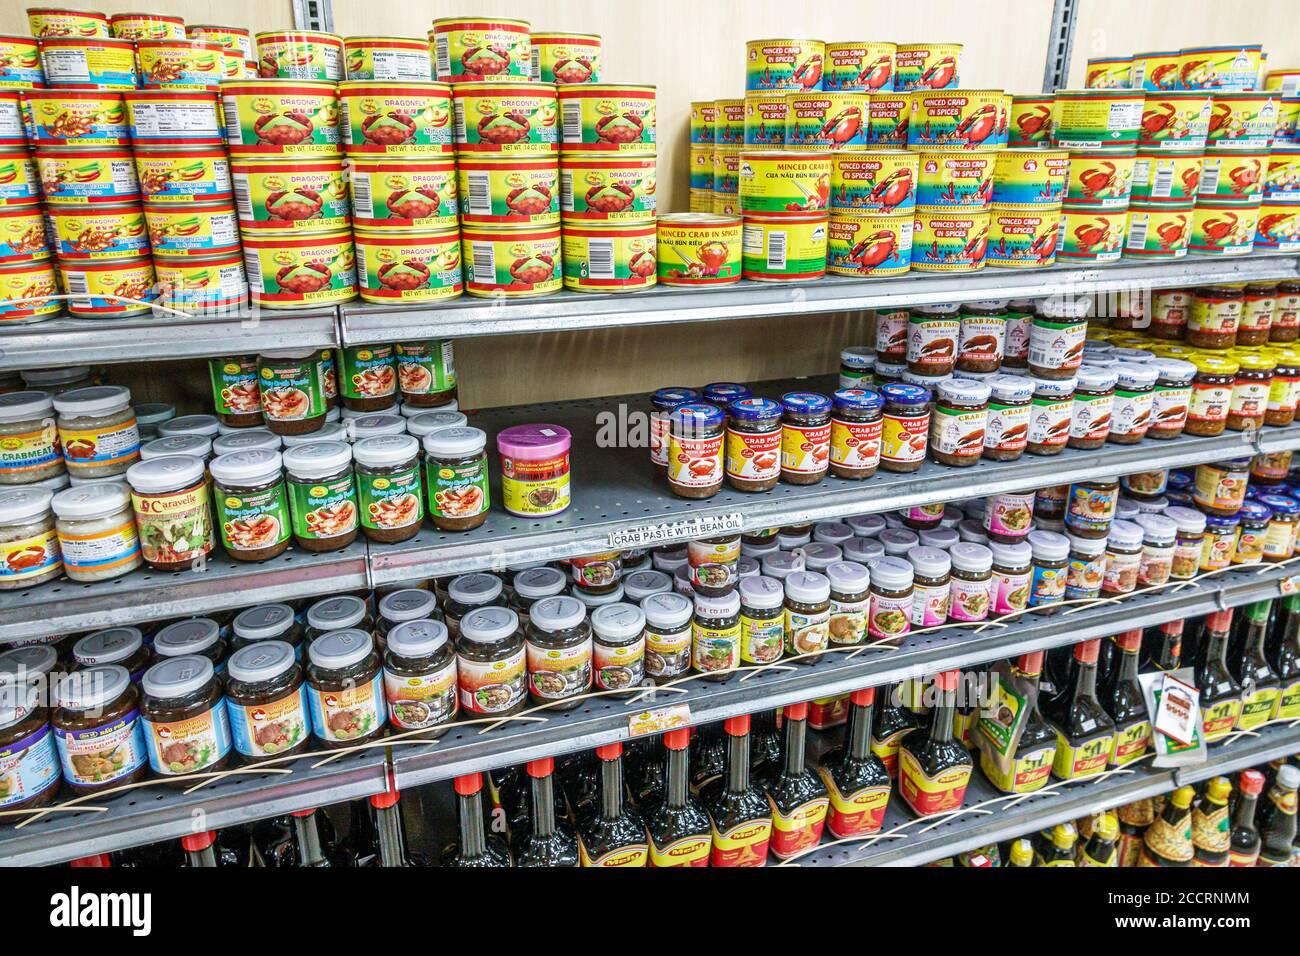 Floride Orlando Little Saigon East Colonial Drive Phuoc Loc Tho Super Oriental Market exposition asiatique de shopping de nourriture importé de crevettes CAN vente de pâte de crabe Banque D'Images